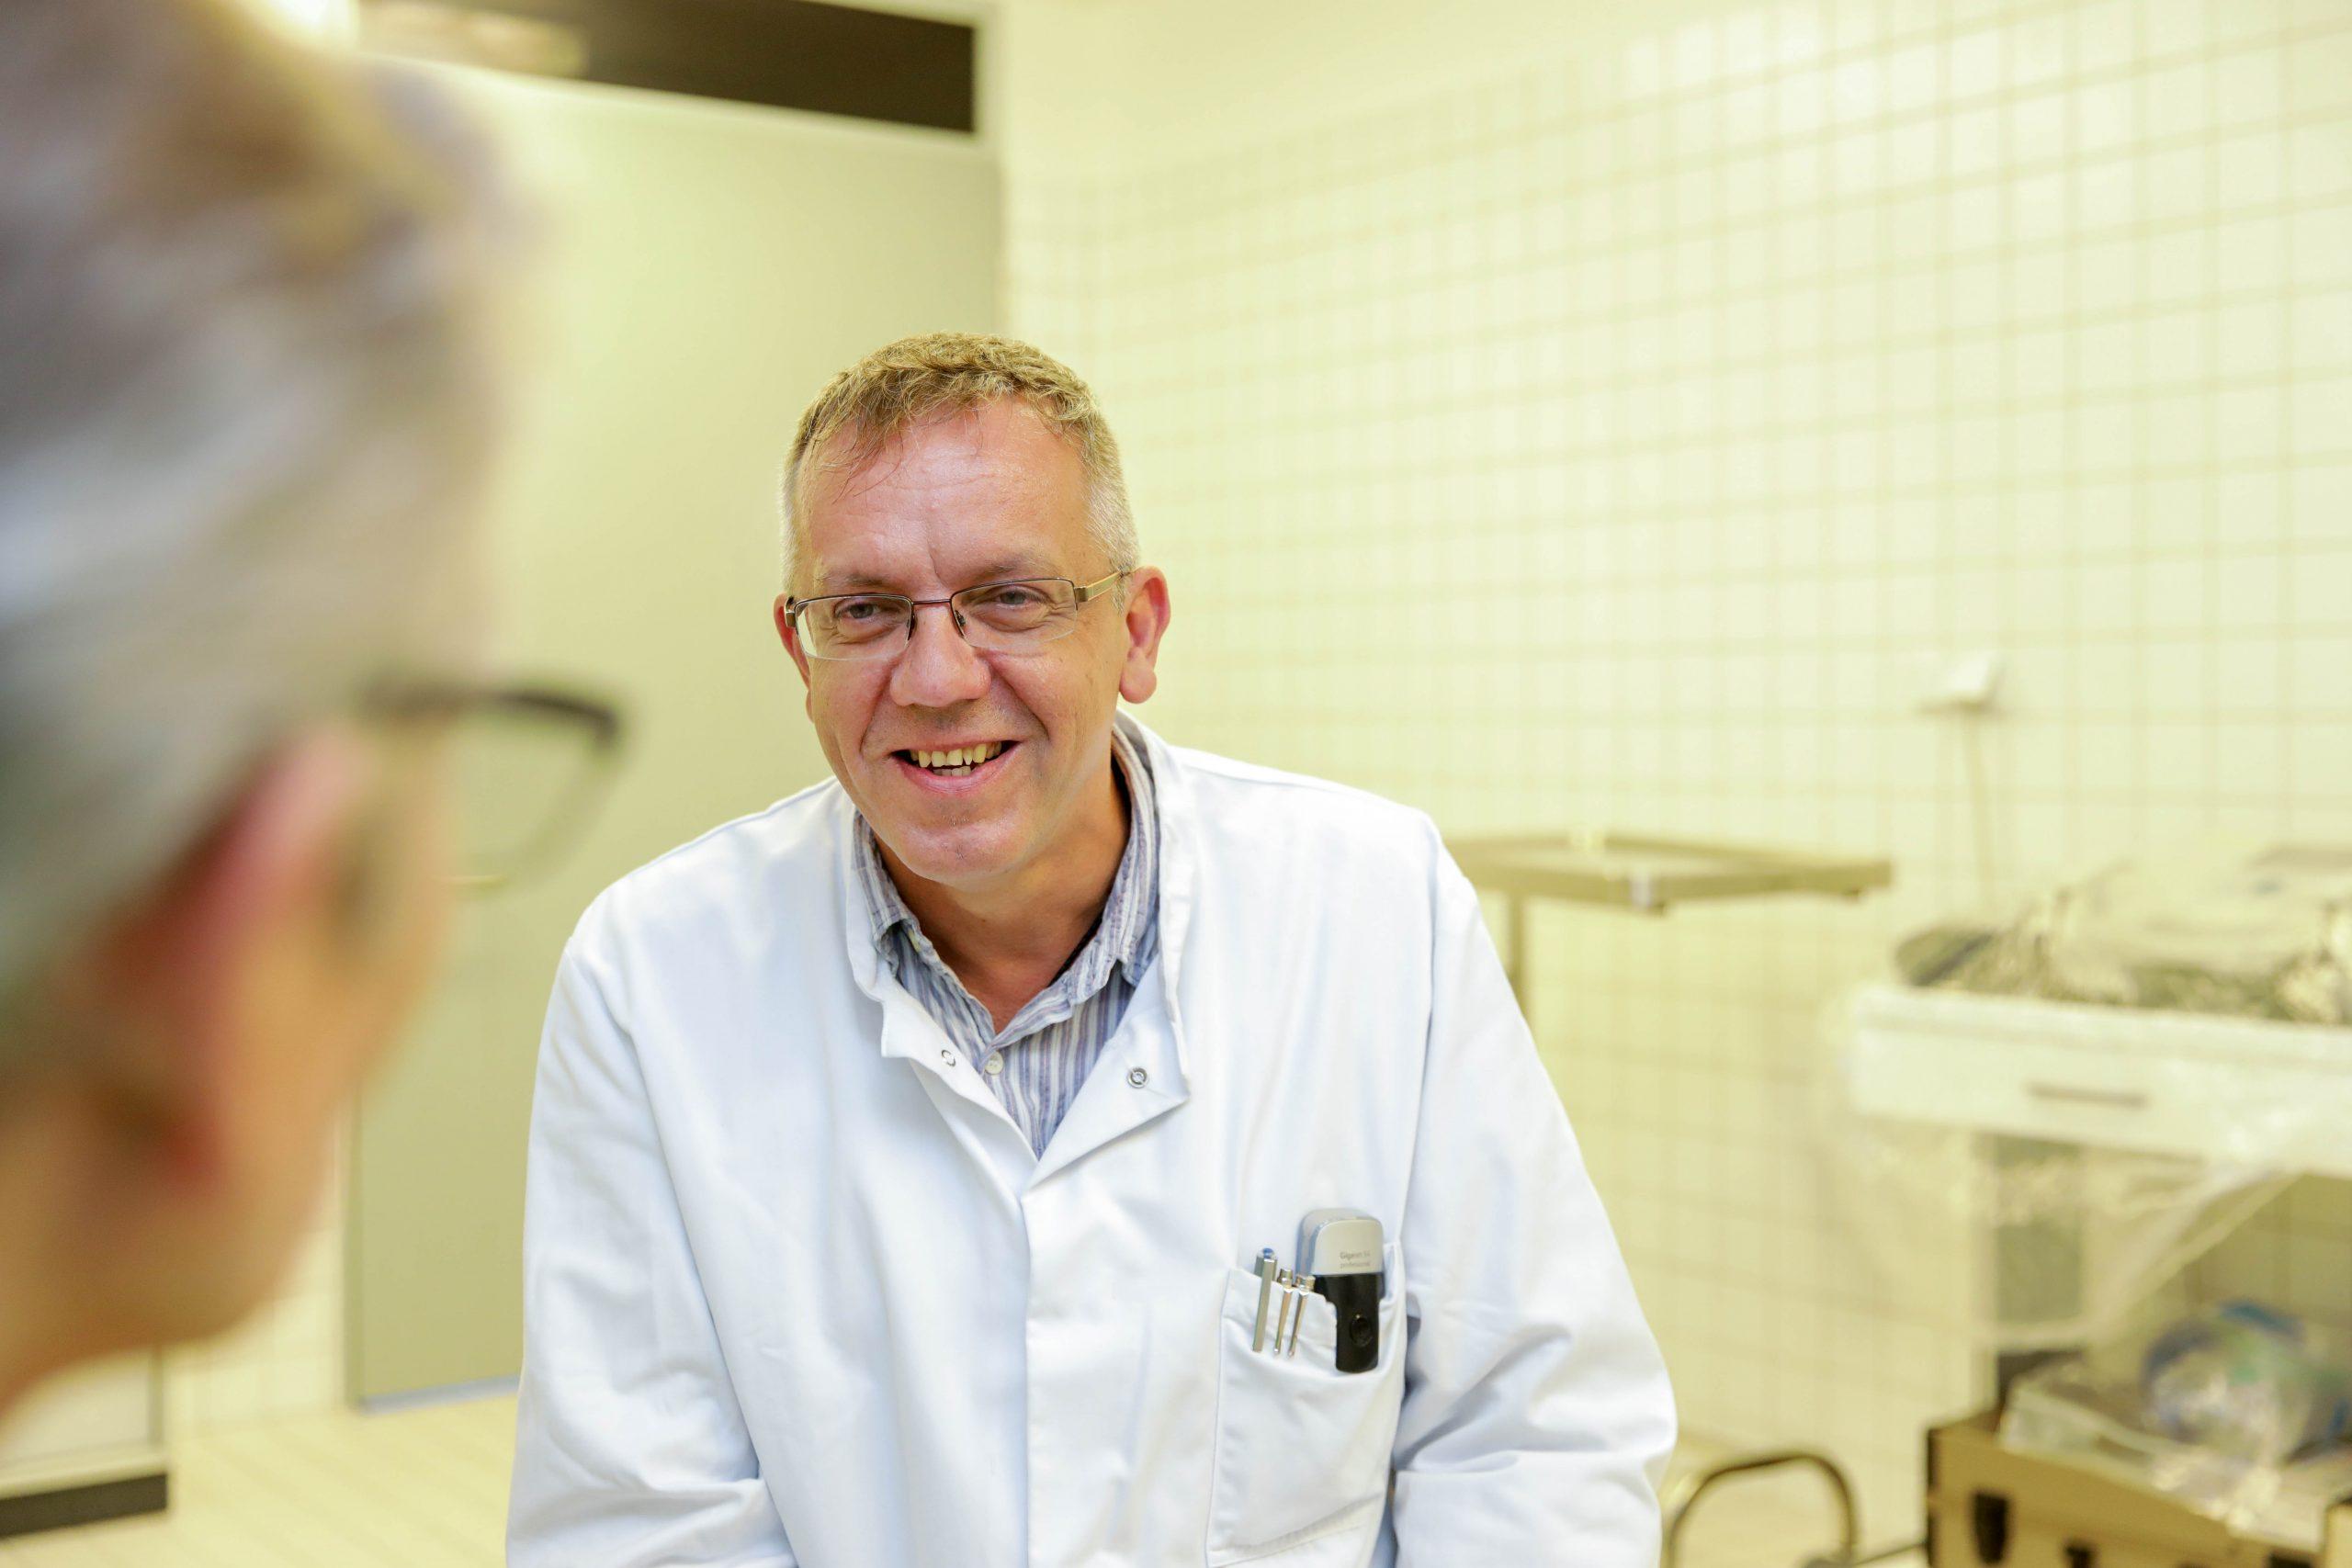 Neurologie-Chefarzt-Dr-Ron-Lenz-begueckwuenscht-seinen-Reha-Patienten-zur-Entfernung-der Trachealkanuele